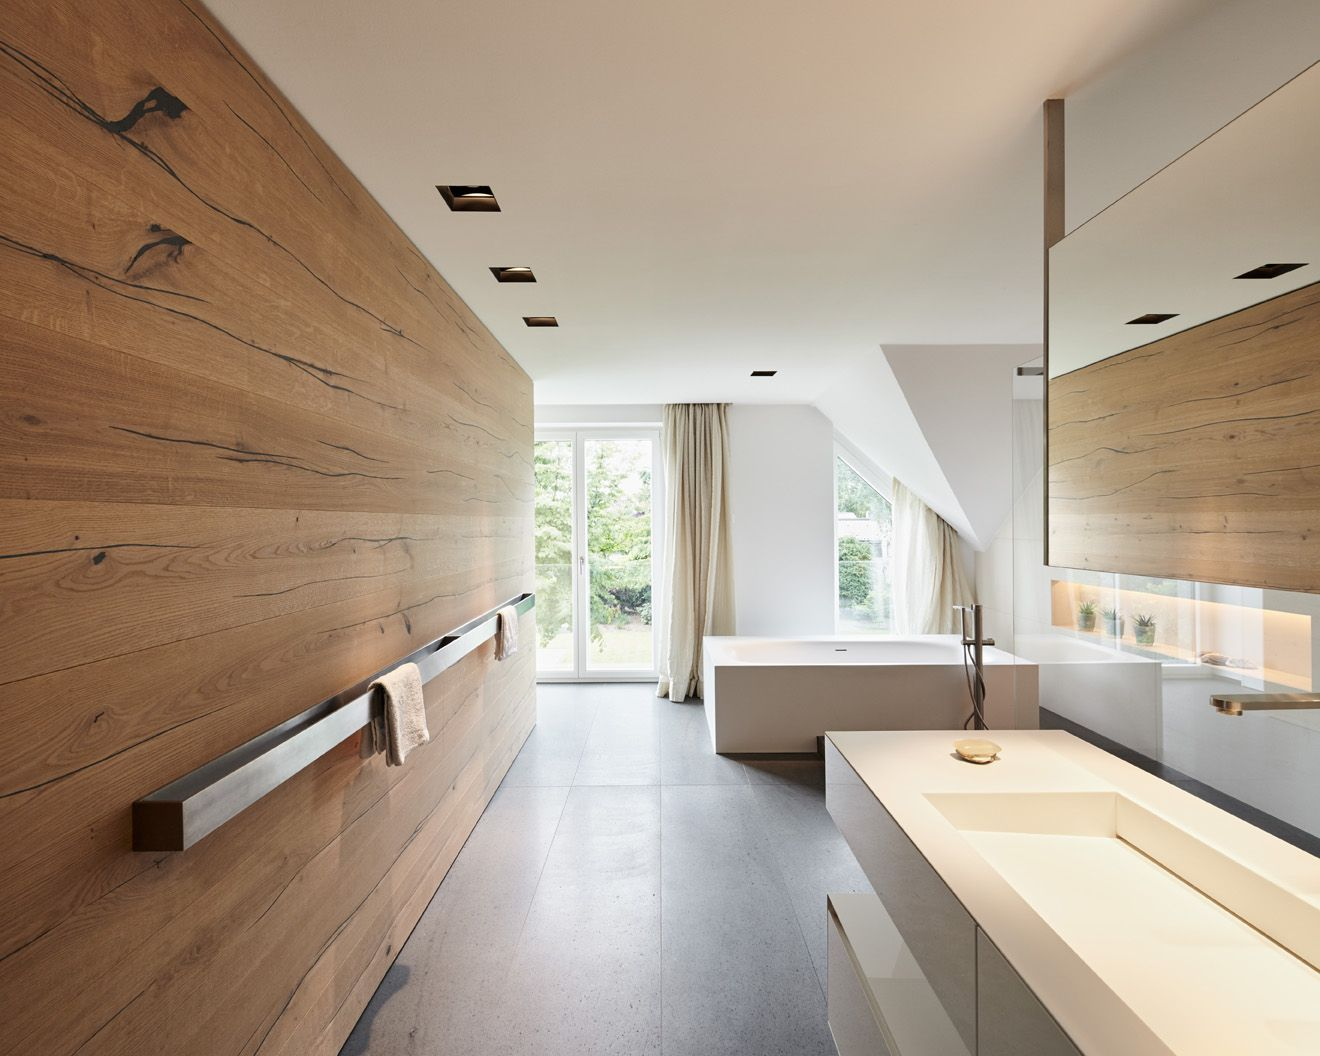 Exklusive Waschbecken wellness oase badezimmer toilette holz waschbecken exklusiv